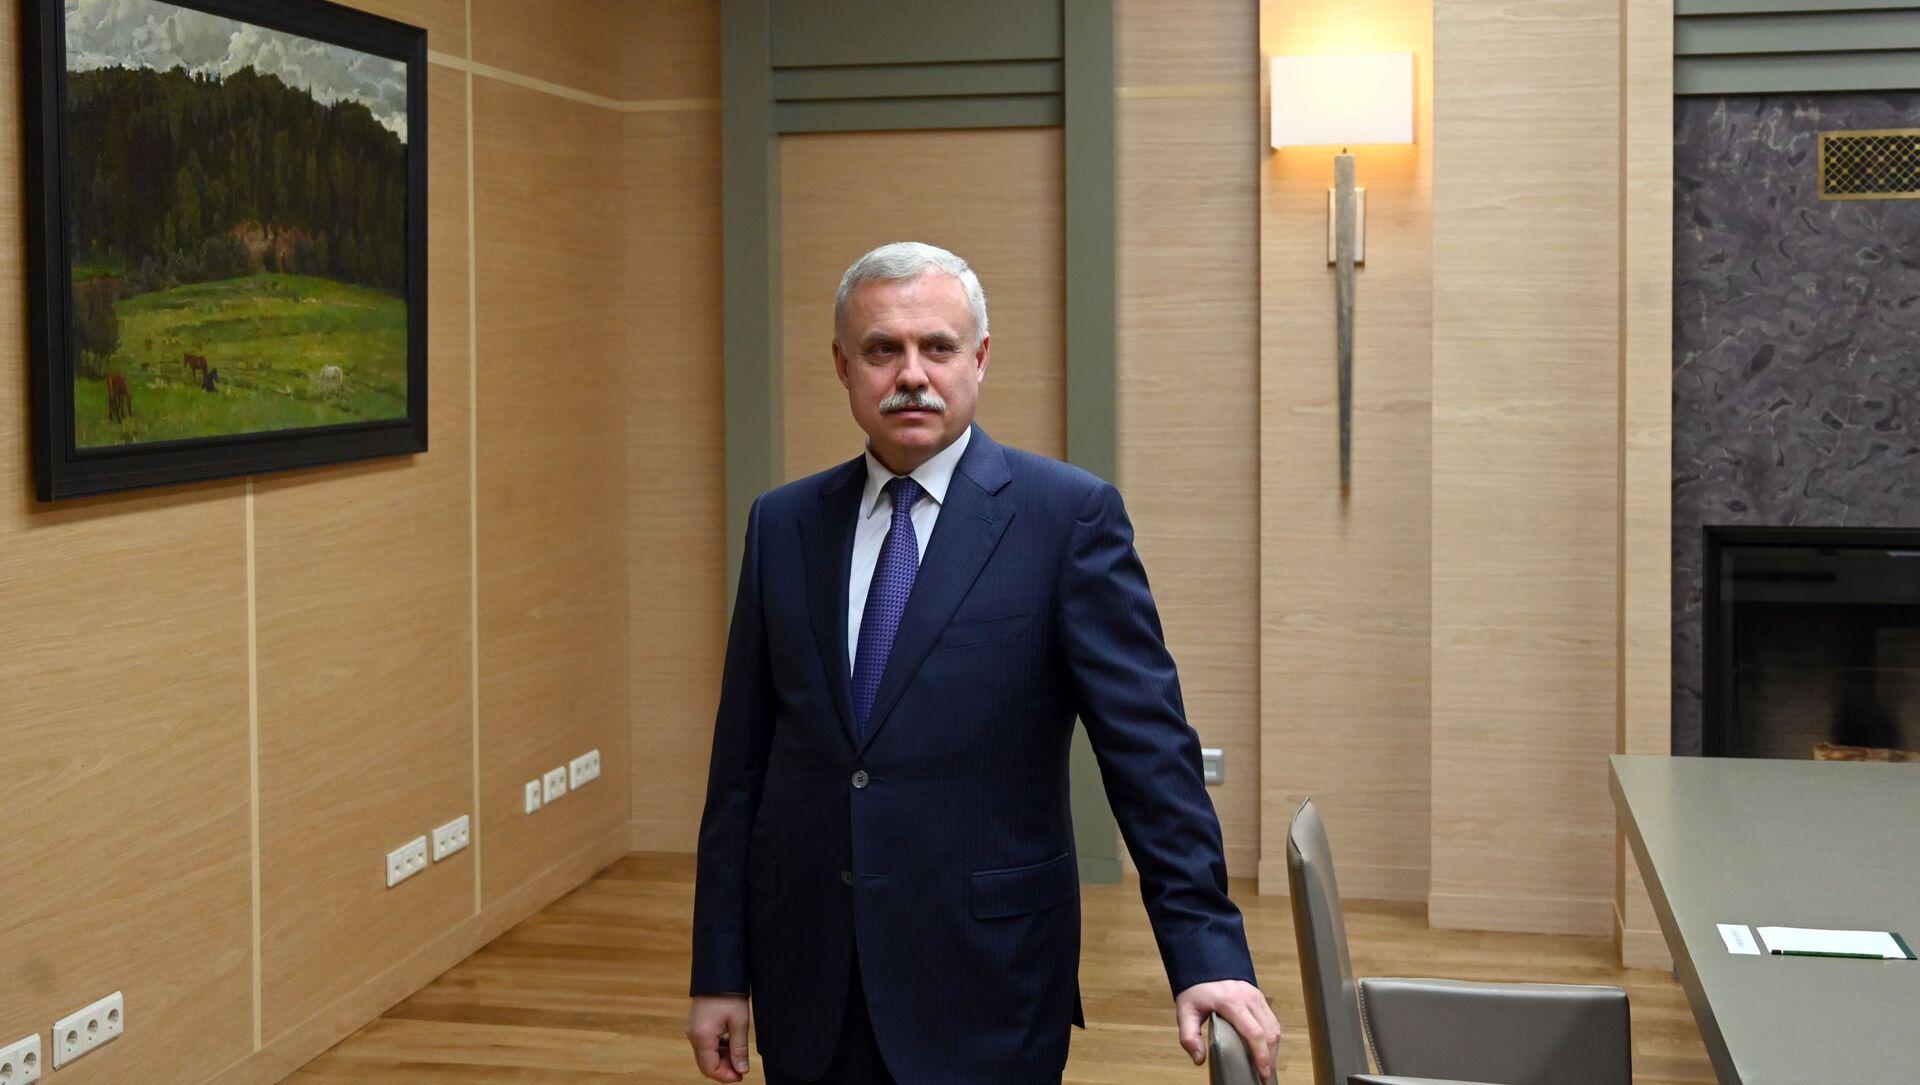 Генеральный секретарь Организации Договора о коллективной безопасности (ОДКБ) Станислав Зась - Sputnik Азербайджан, 1920, 09.08.2021